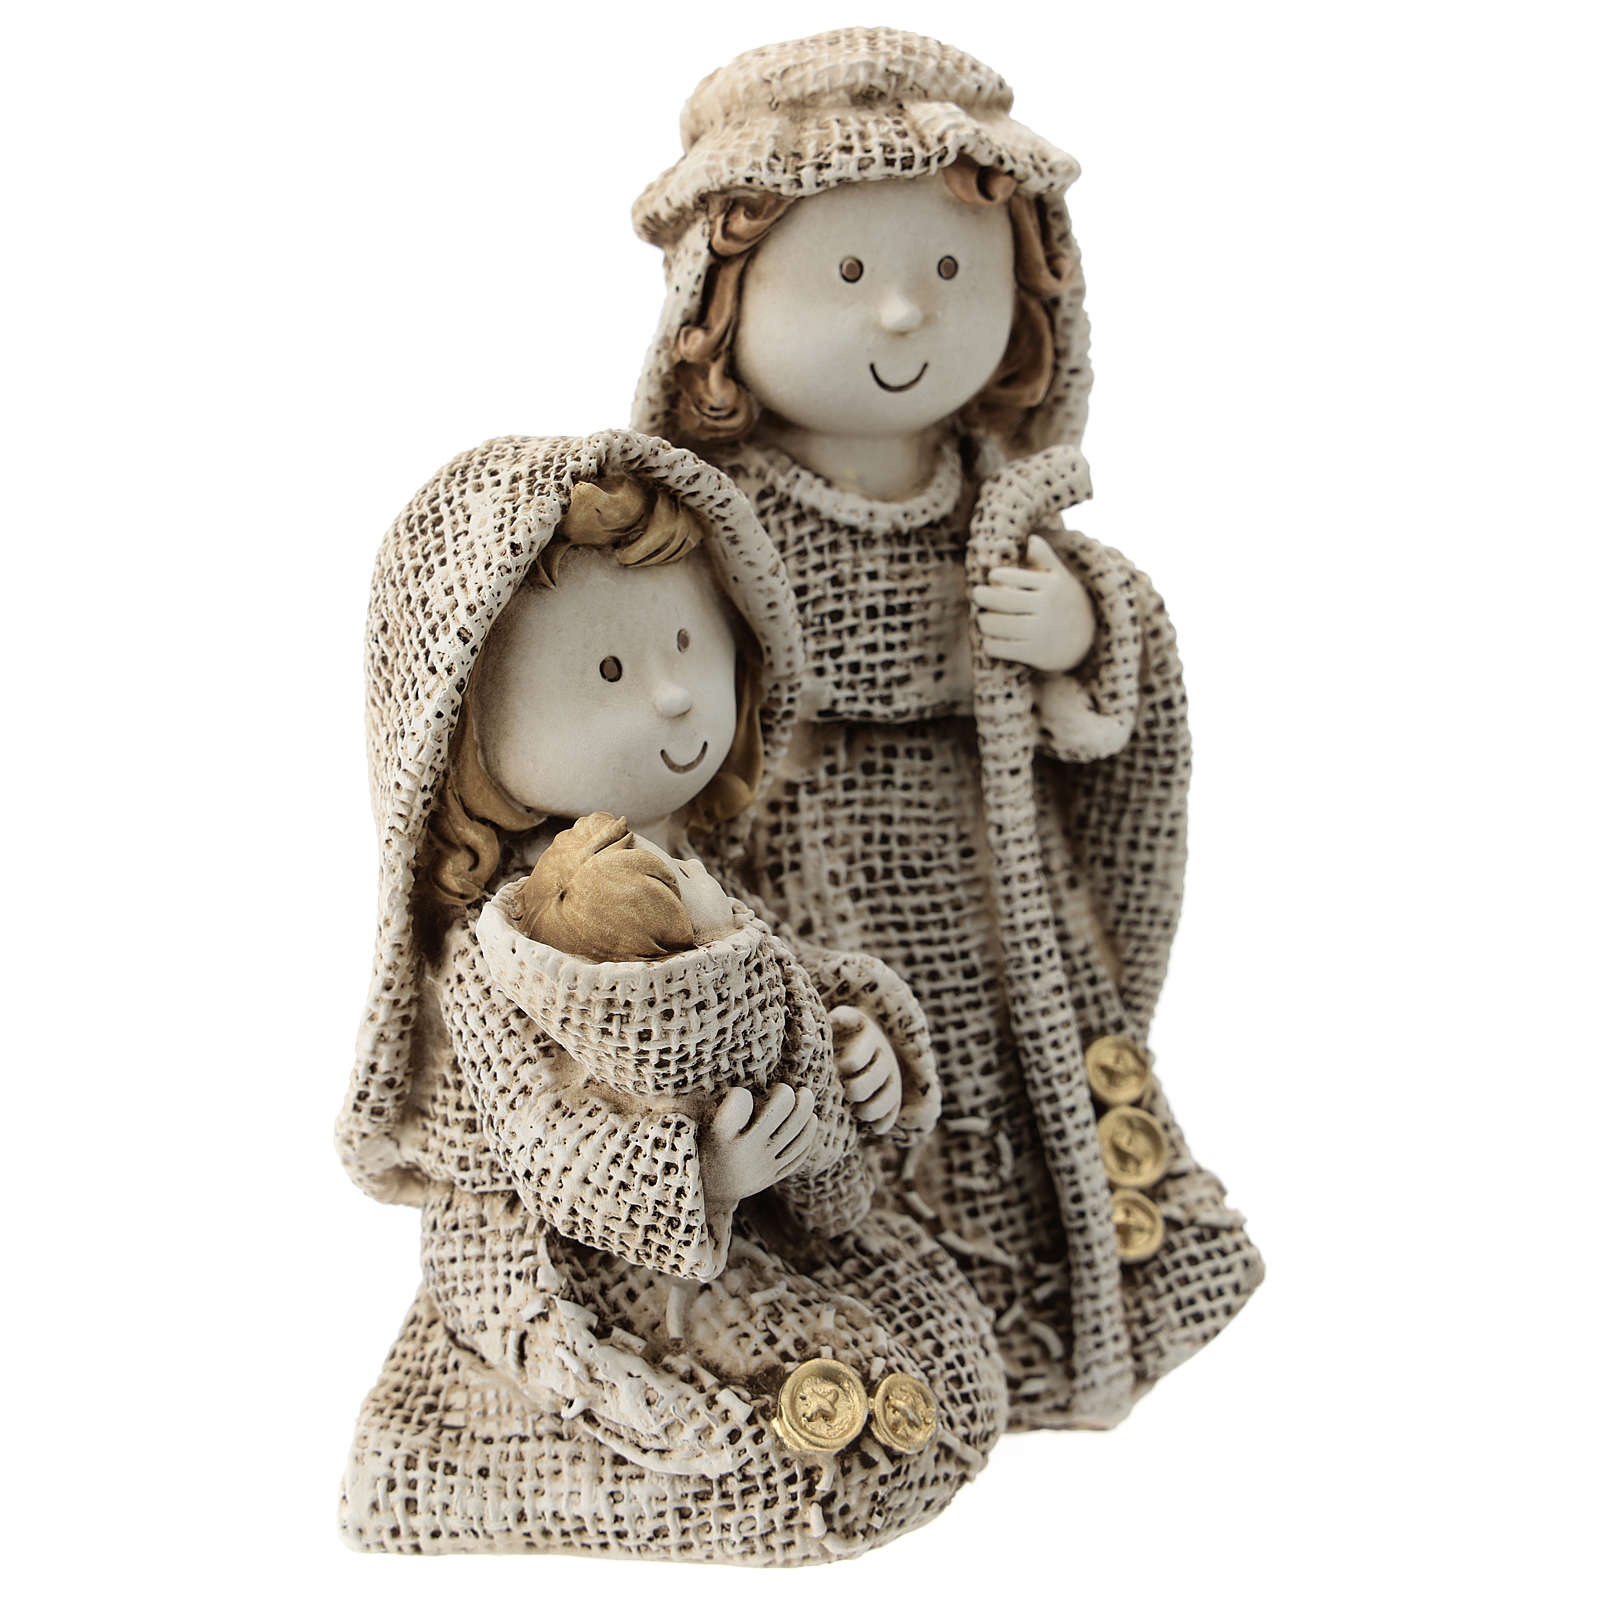 Sacra Famiglia linea bambino abiti effetto juta 15 cm 3